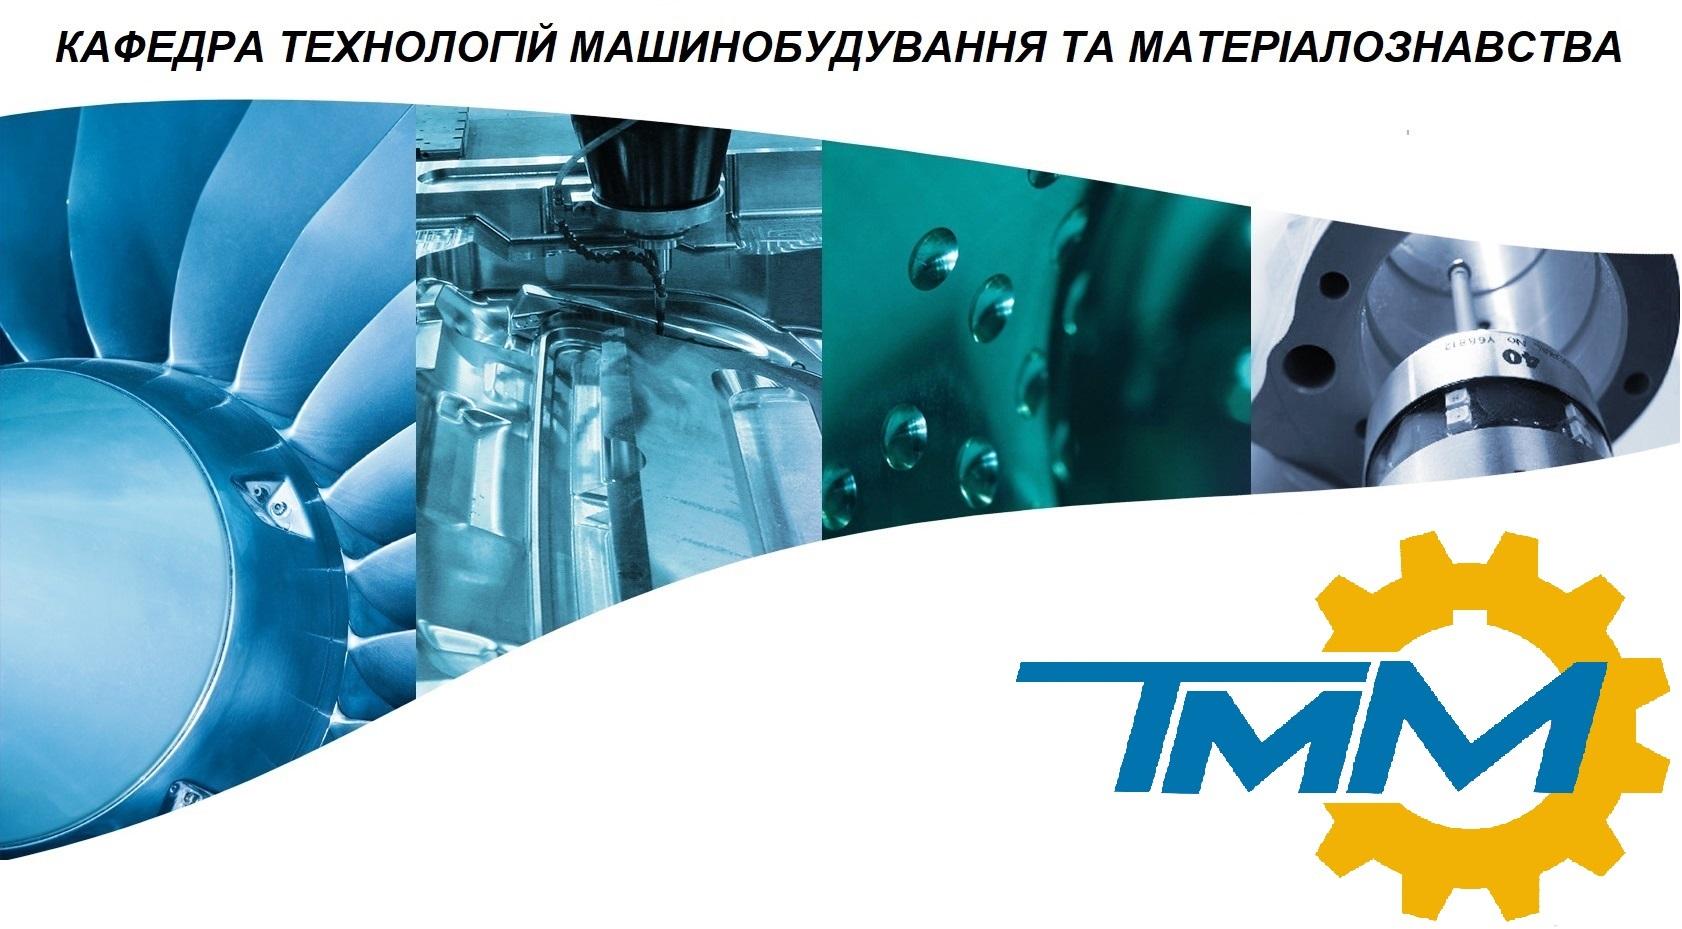 Лого ТММ